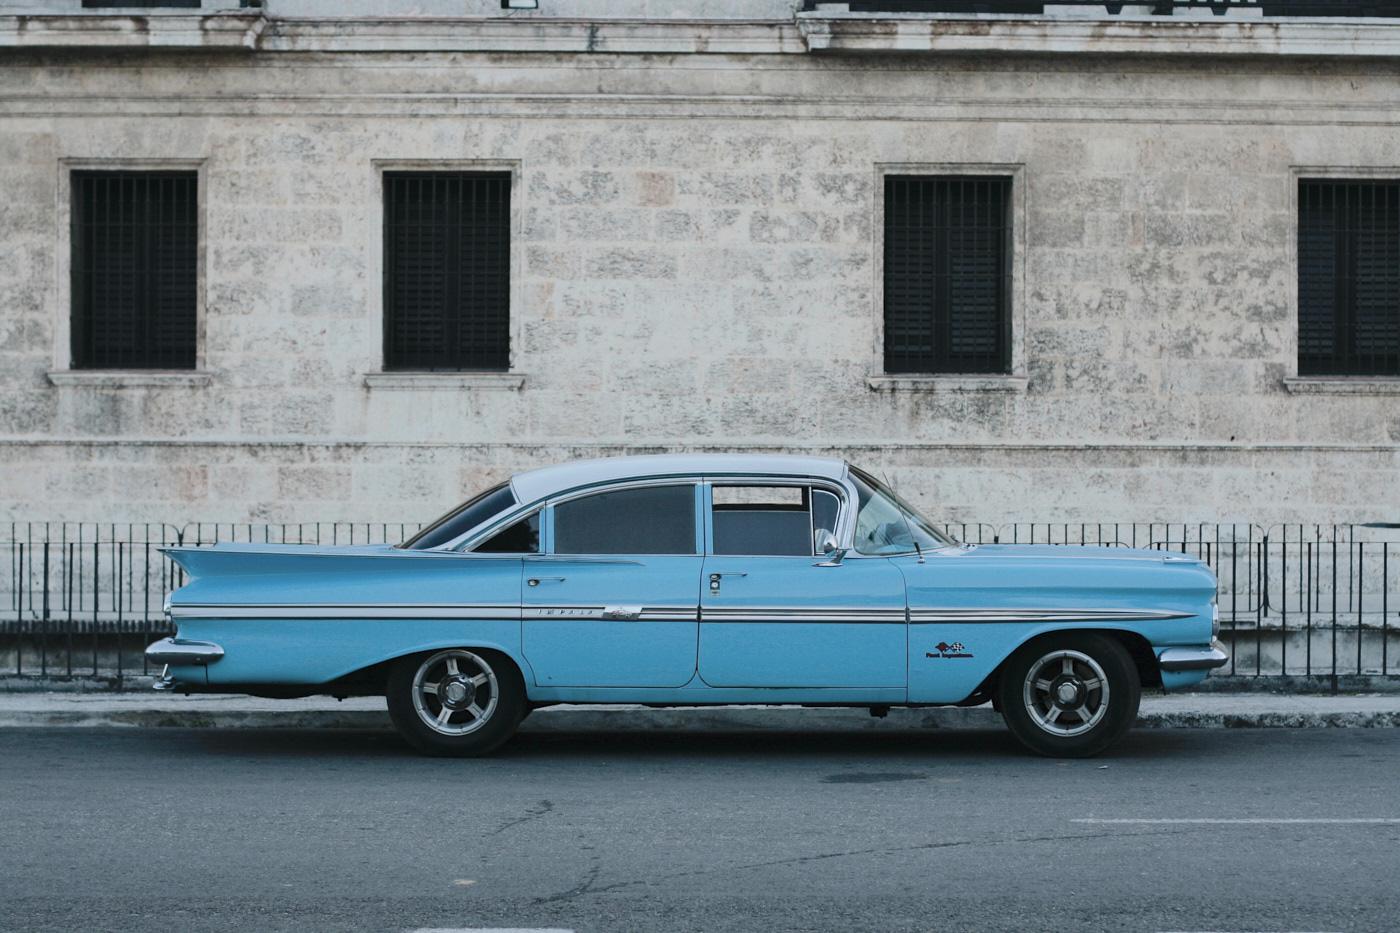 Voiture ancienne en voyage à Cuba